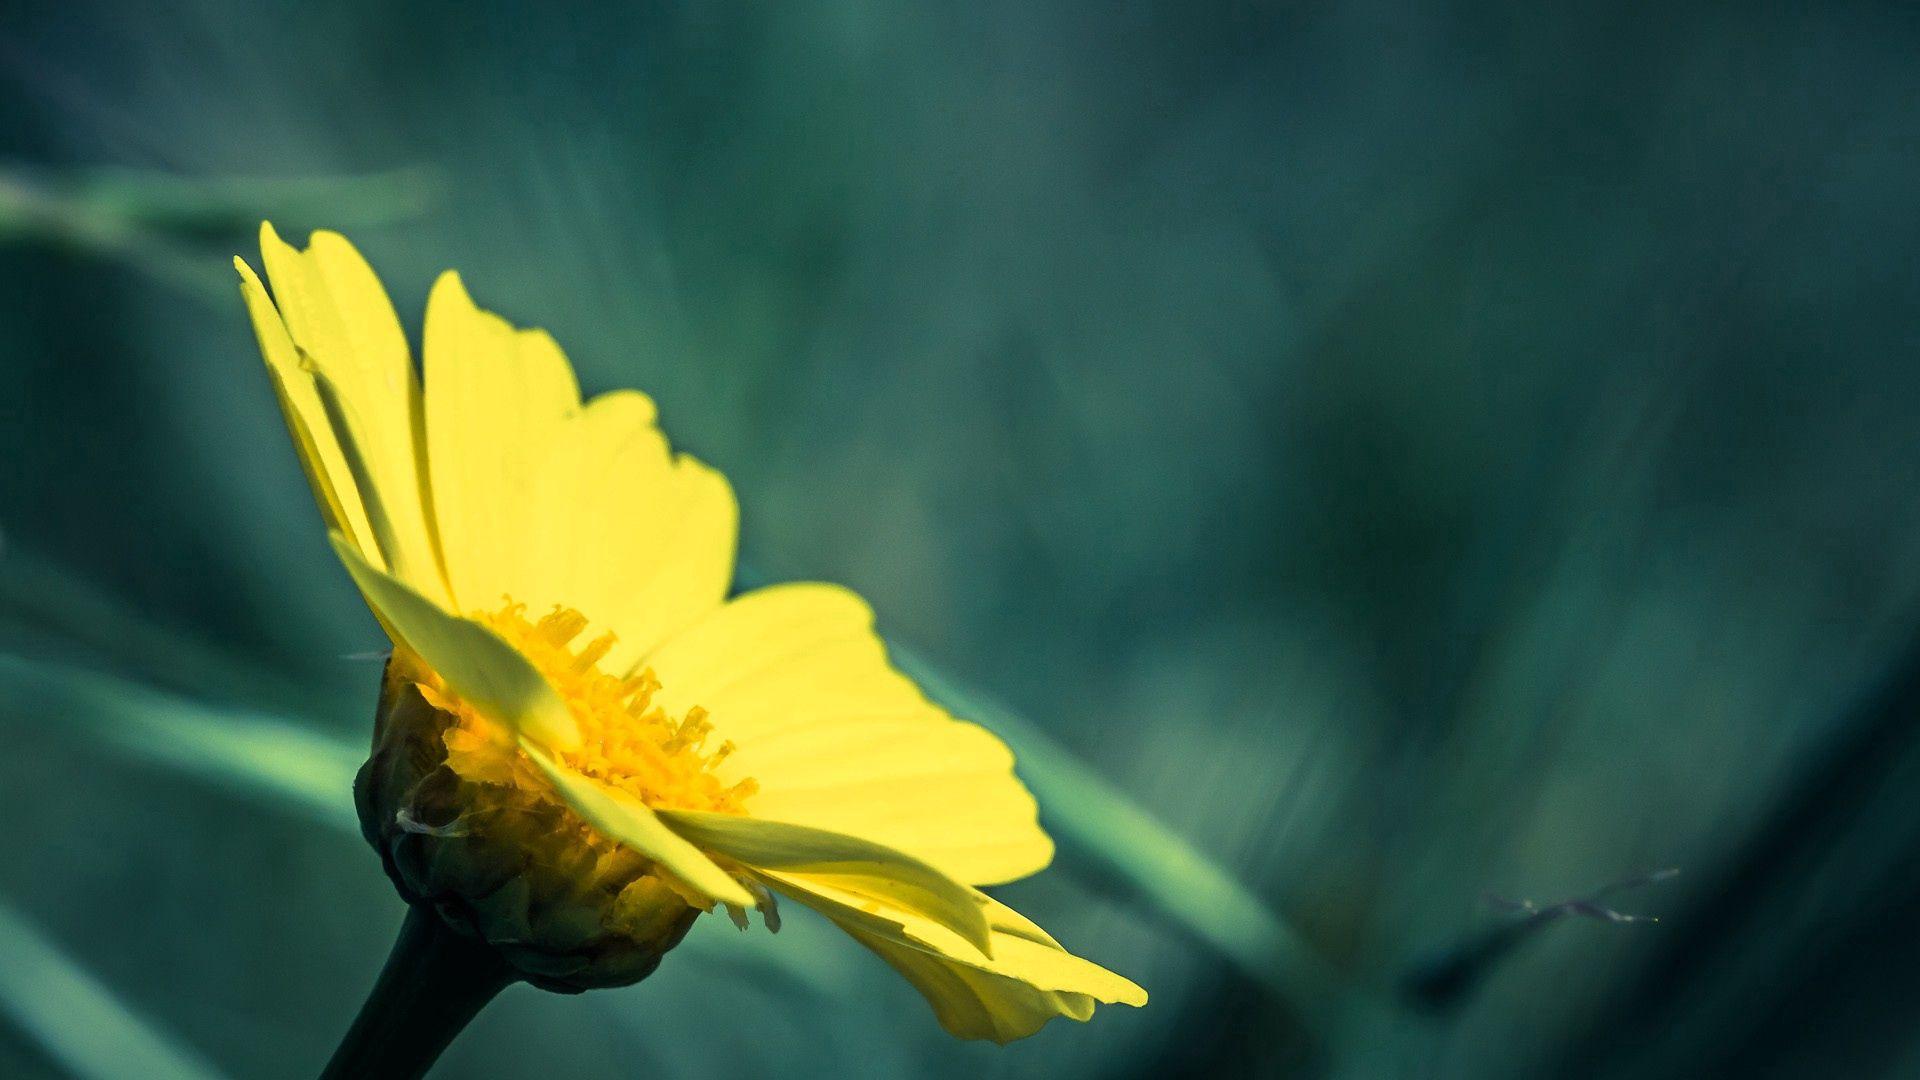 152703 скачать обои Макро, Цветок, Лепестки, Фон, Смазано - заставки и картинки бесплатно